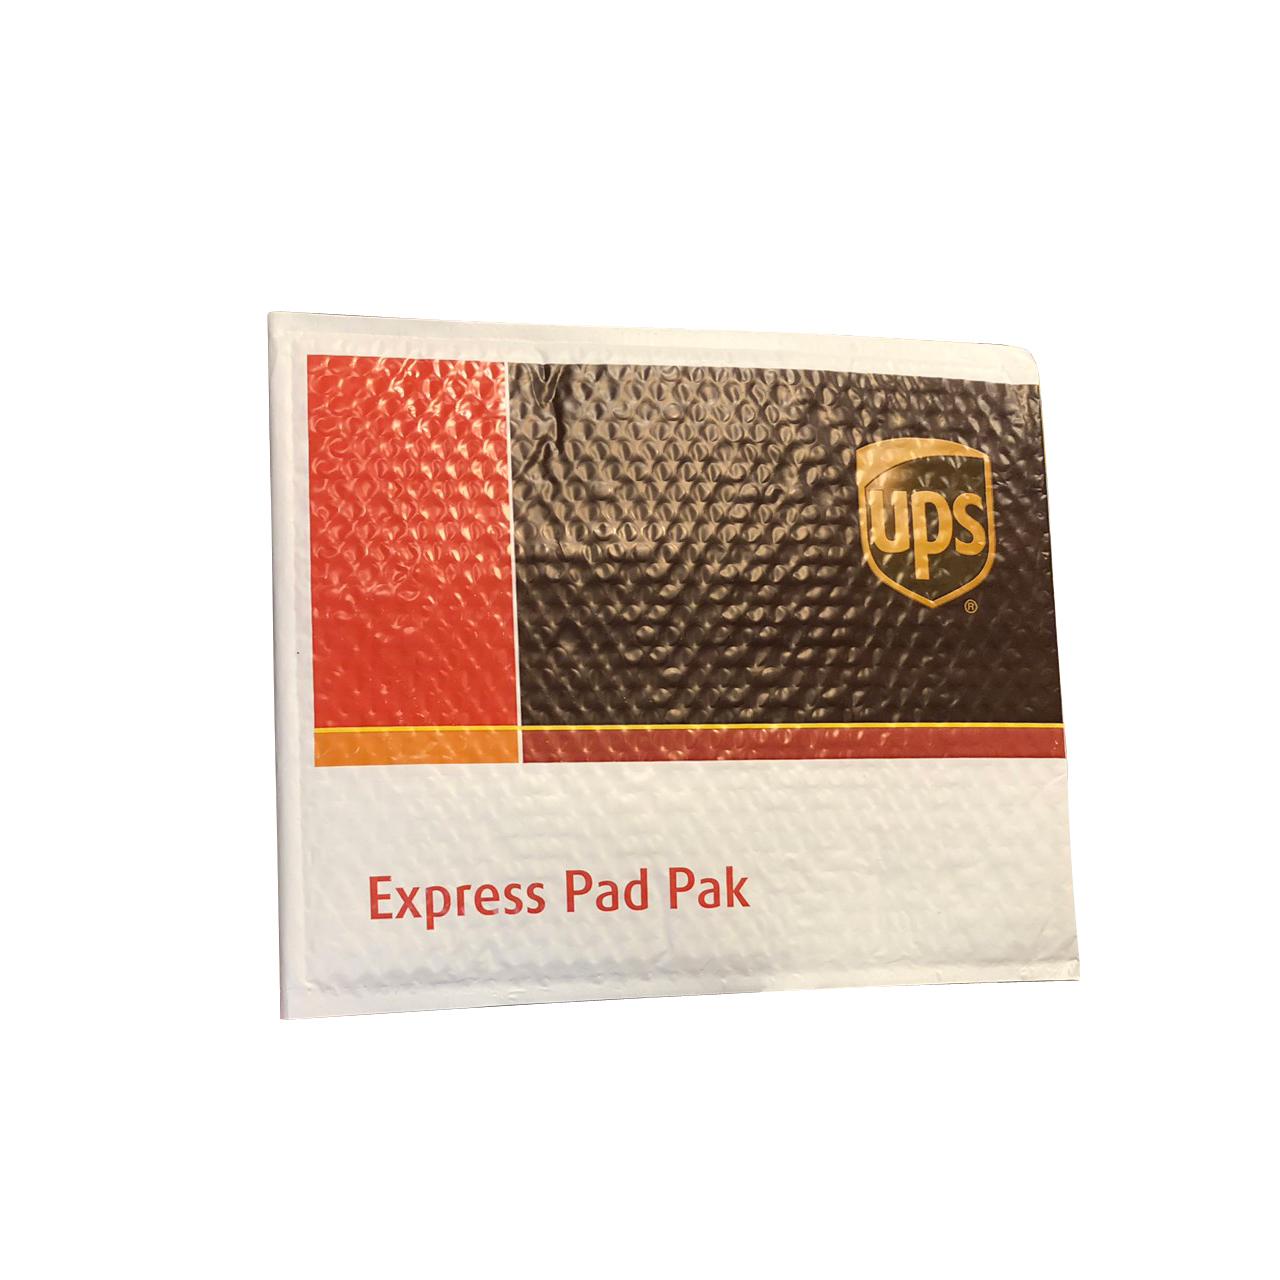 小物や書類入れに!UPS Express Pad Pak